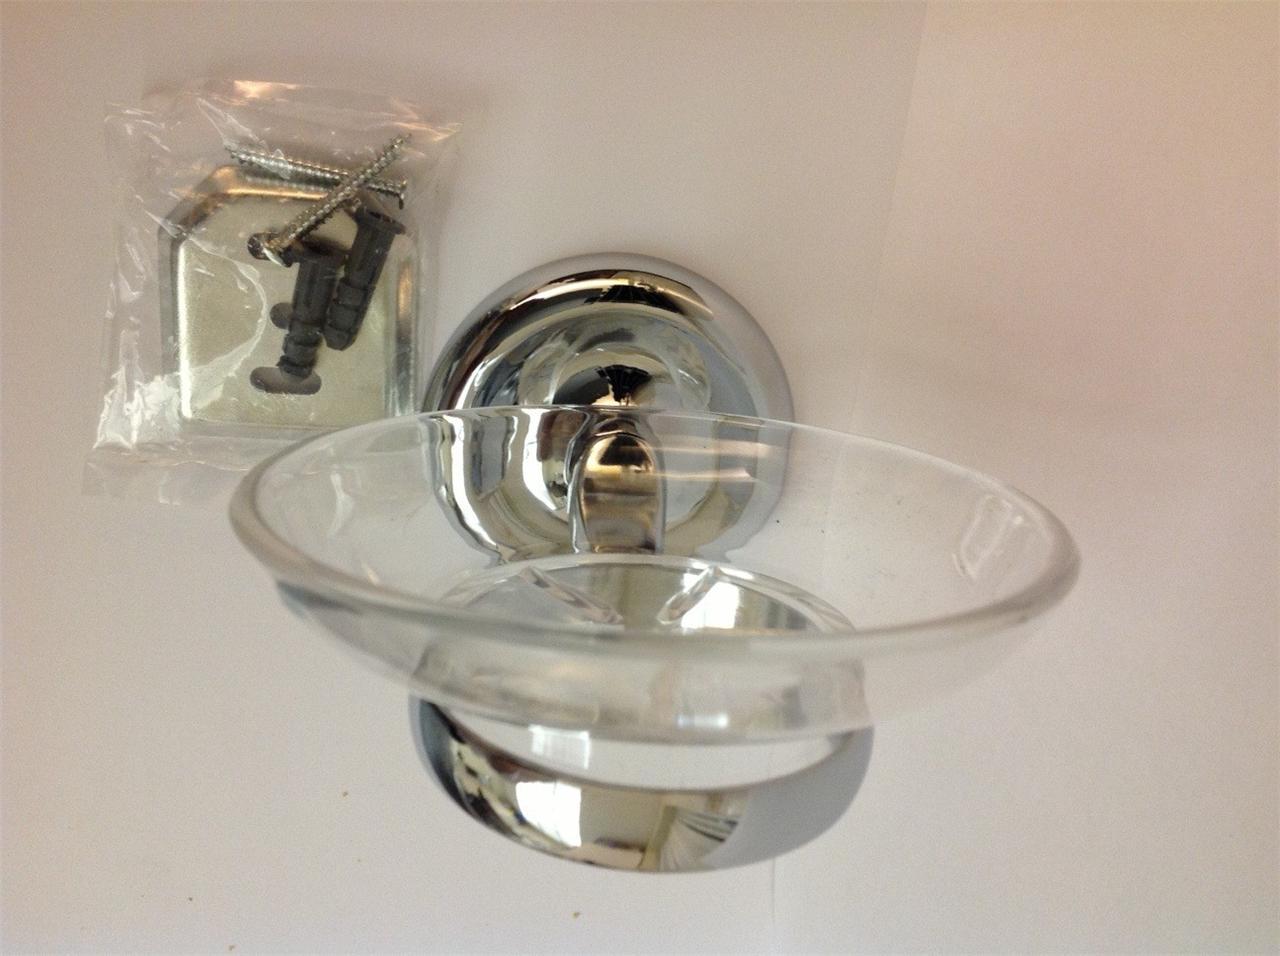 Chrome toilet roll holder soap dish holder glass Glass toilet roll holder